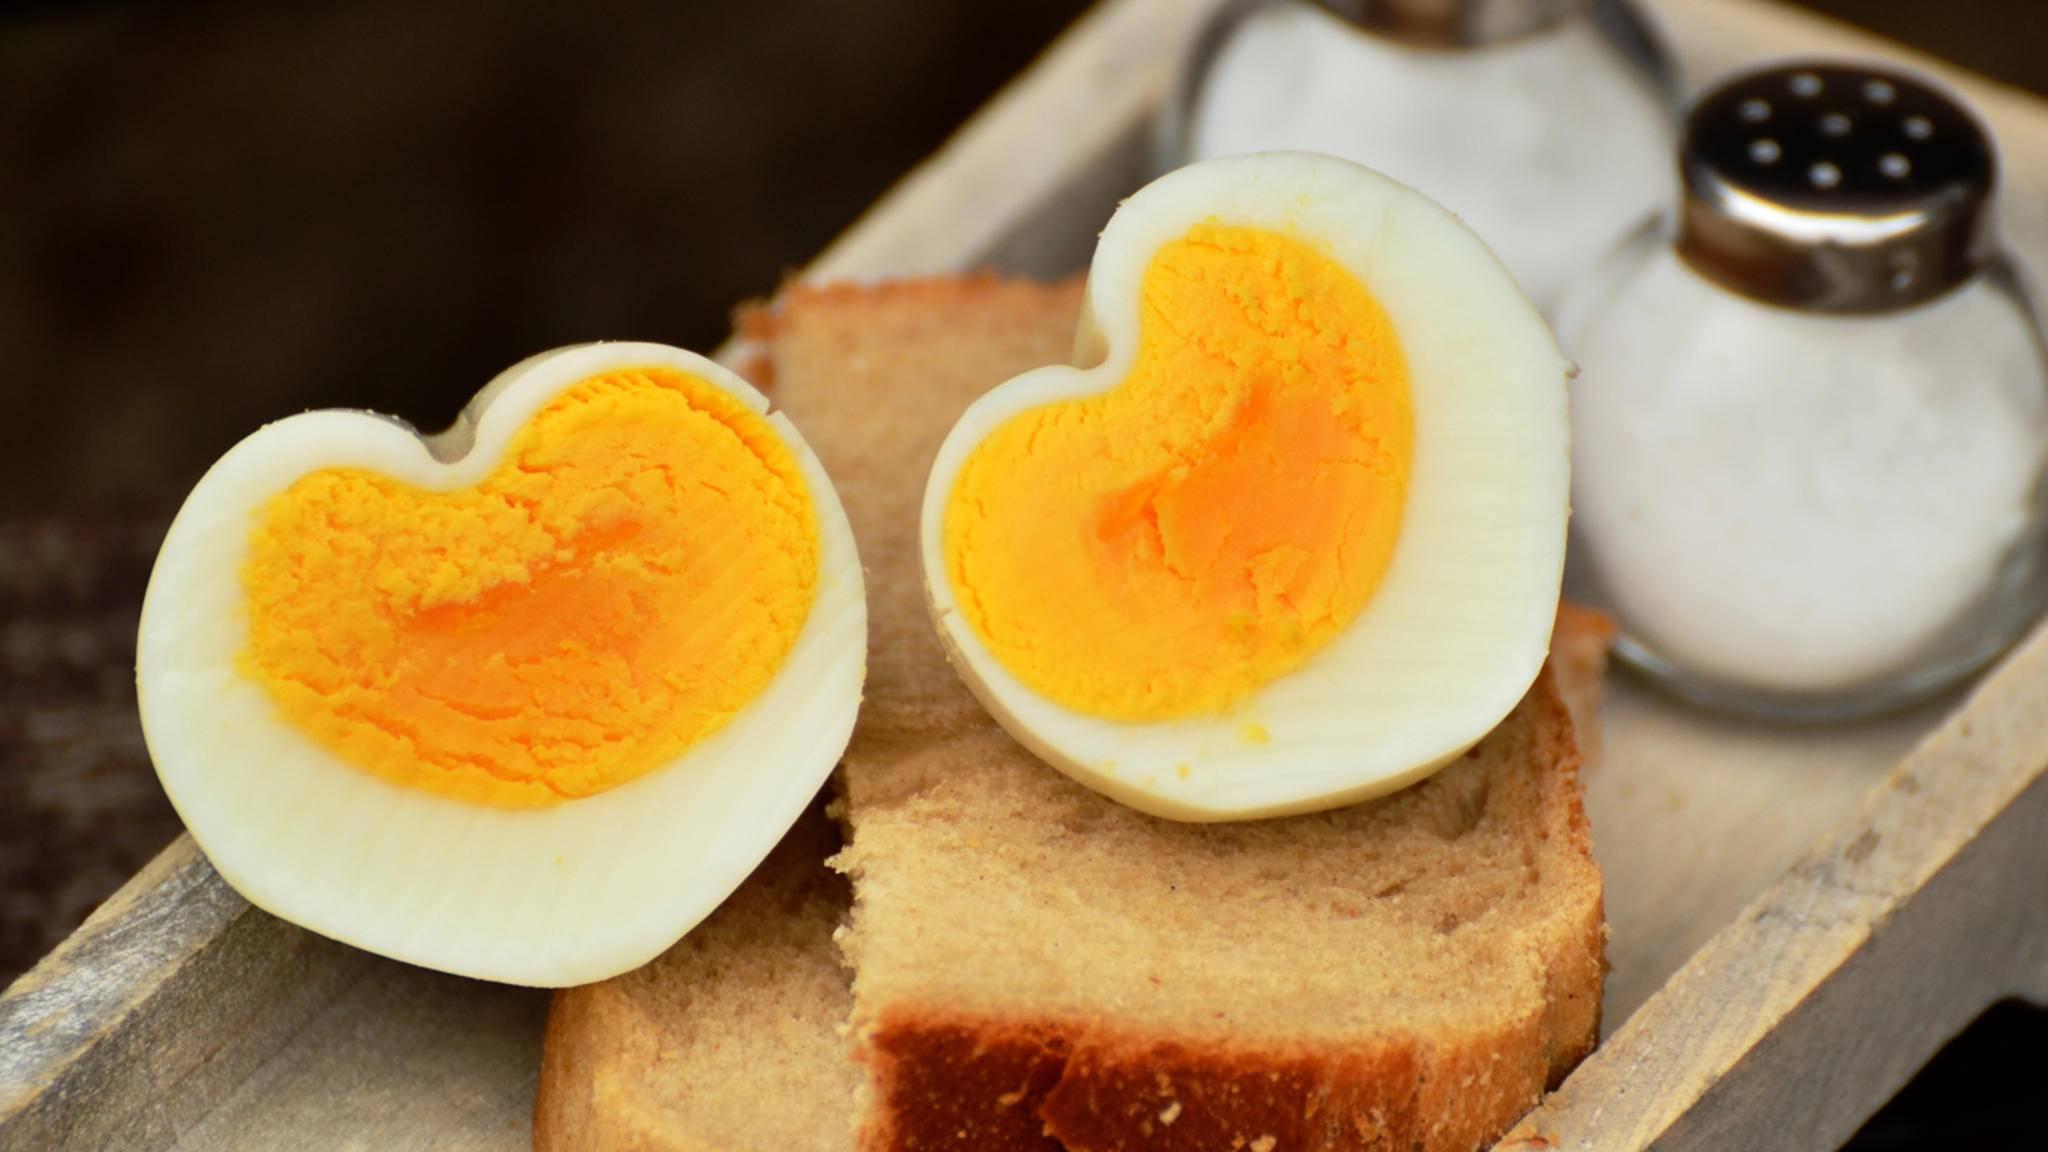 Der Heilige Gral der Frühstückskunst: das perfekte Ei!